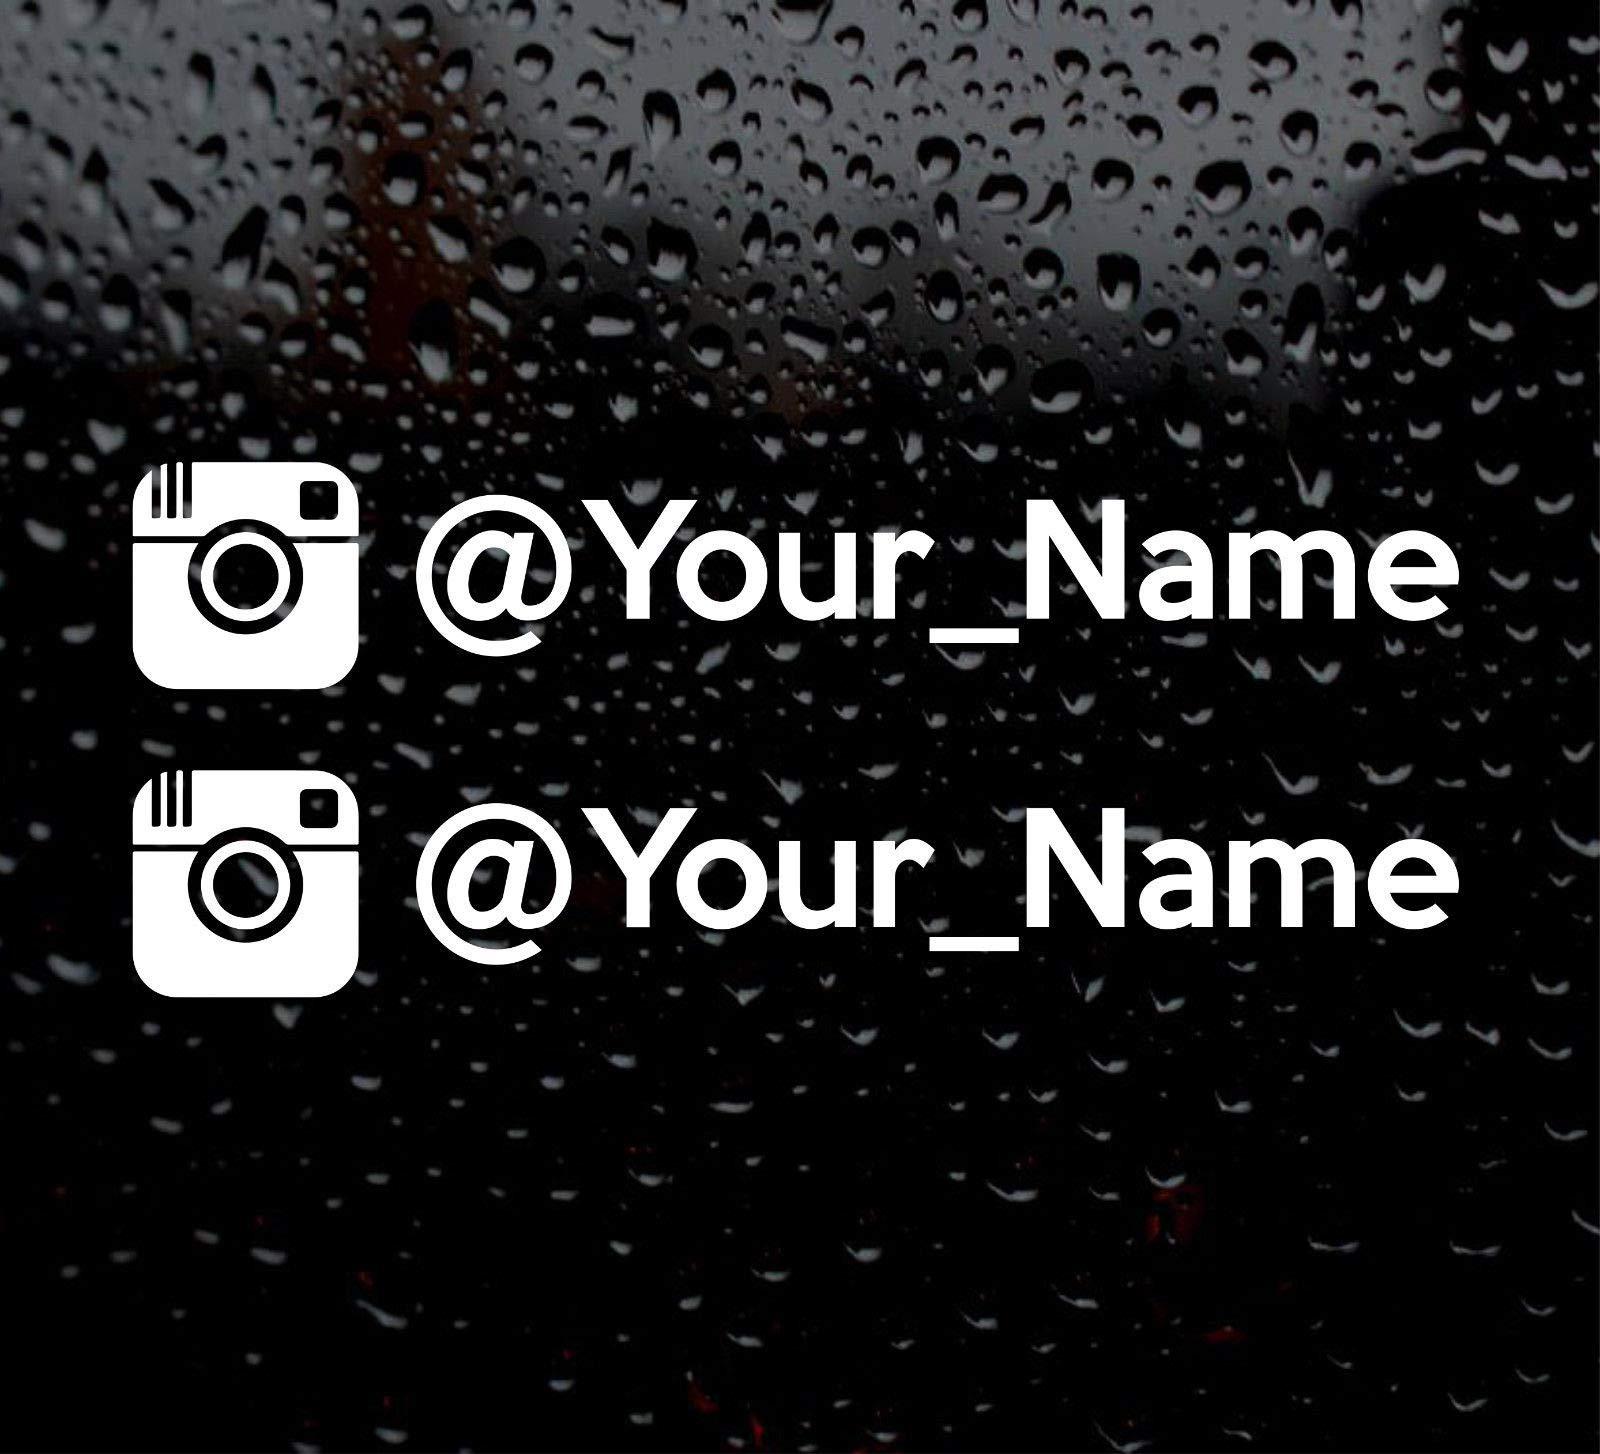 Namensaufkleber Auto Sticker Tuning Aufkleber Ihr Name 2 cm hoch Glas Tür Car